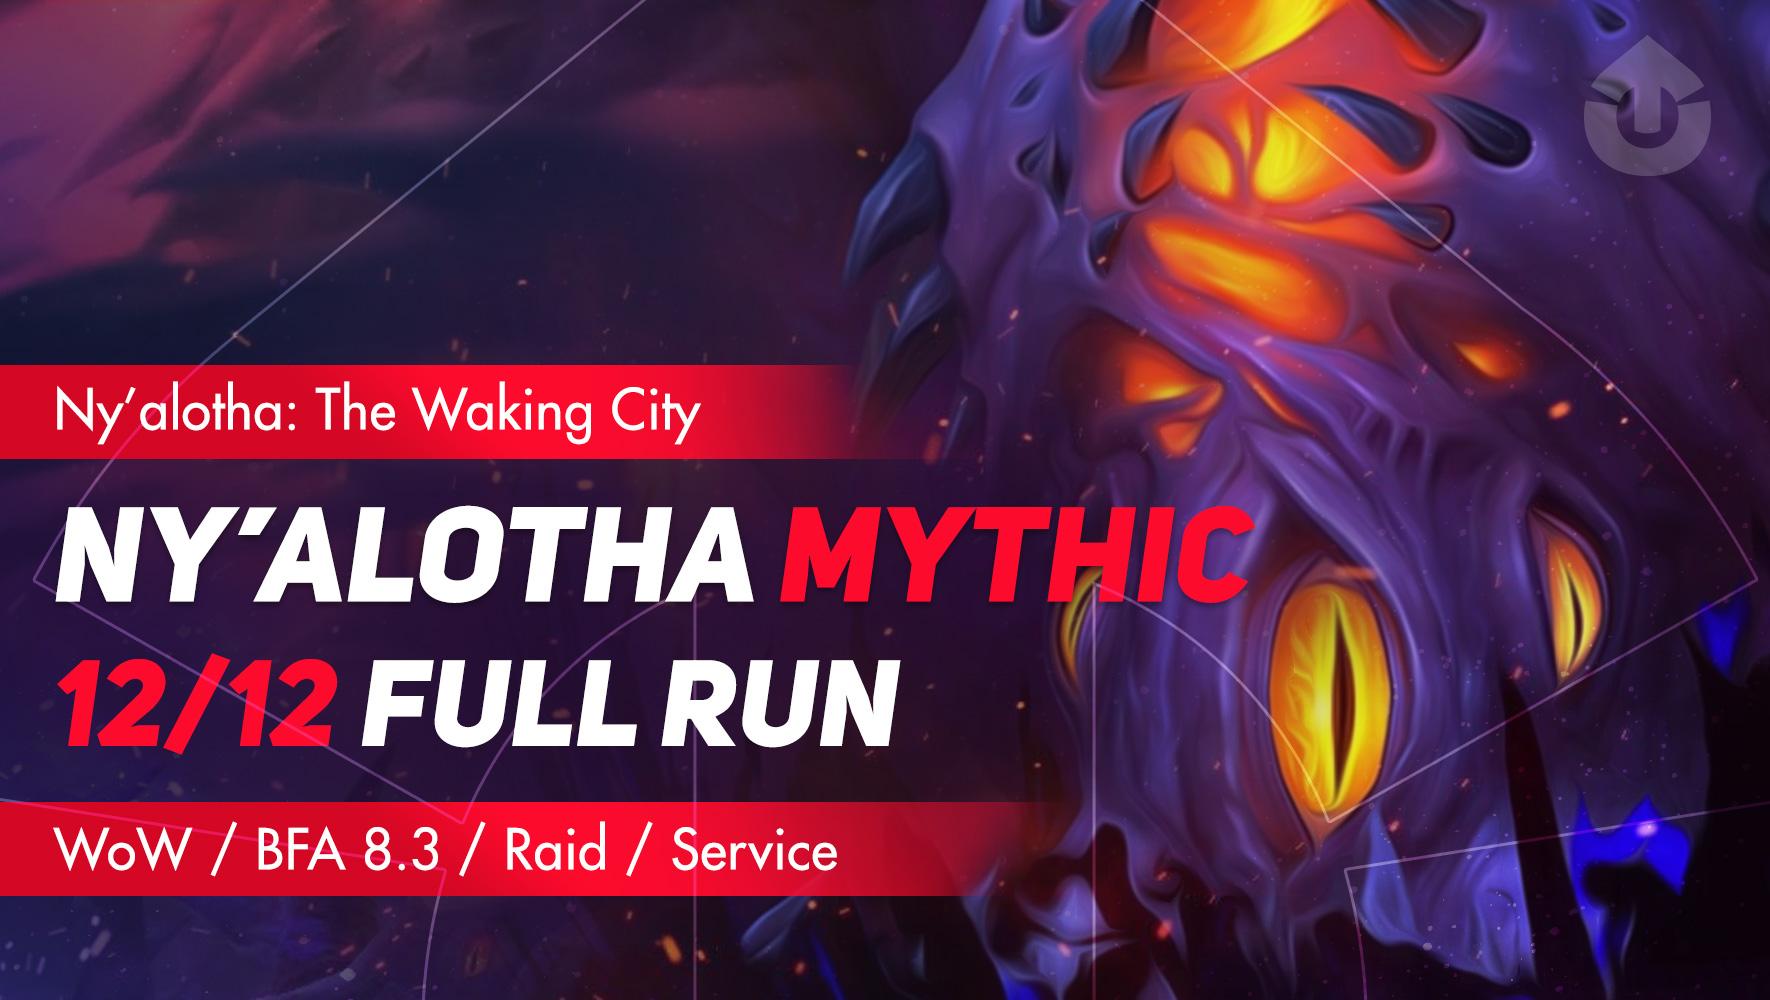 Ny'alotha The Waking Sity Mythic run |